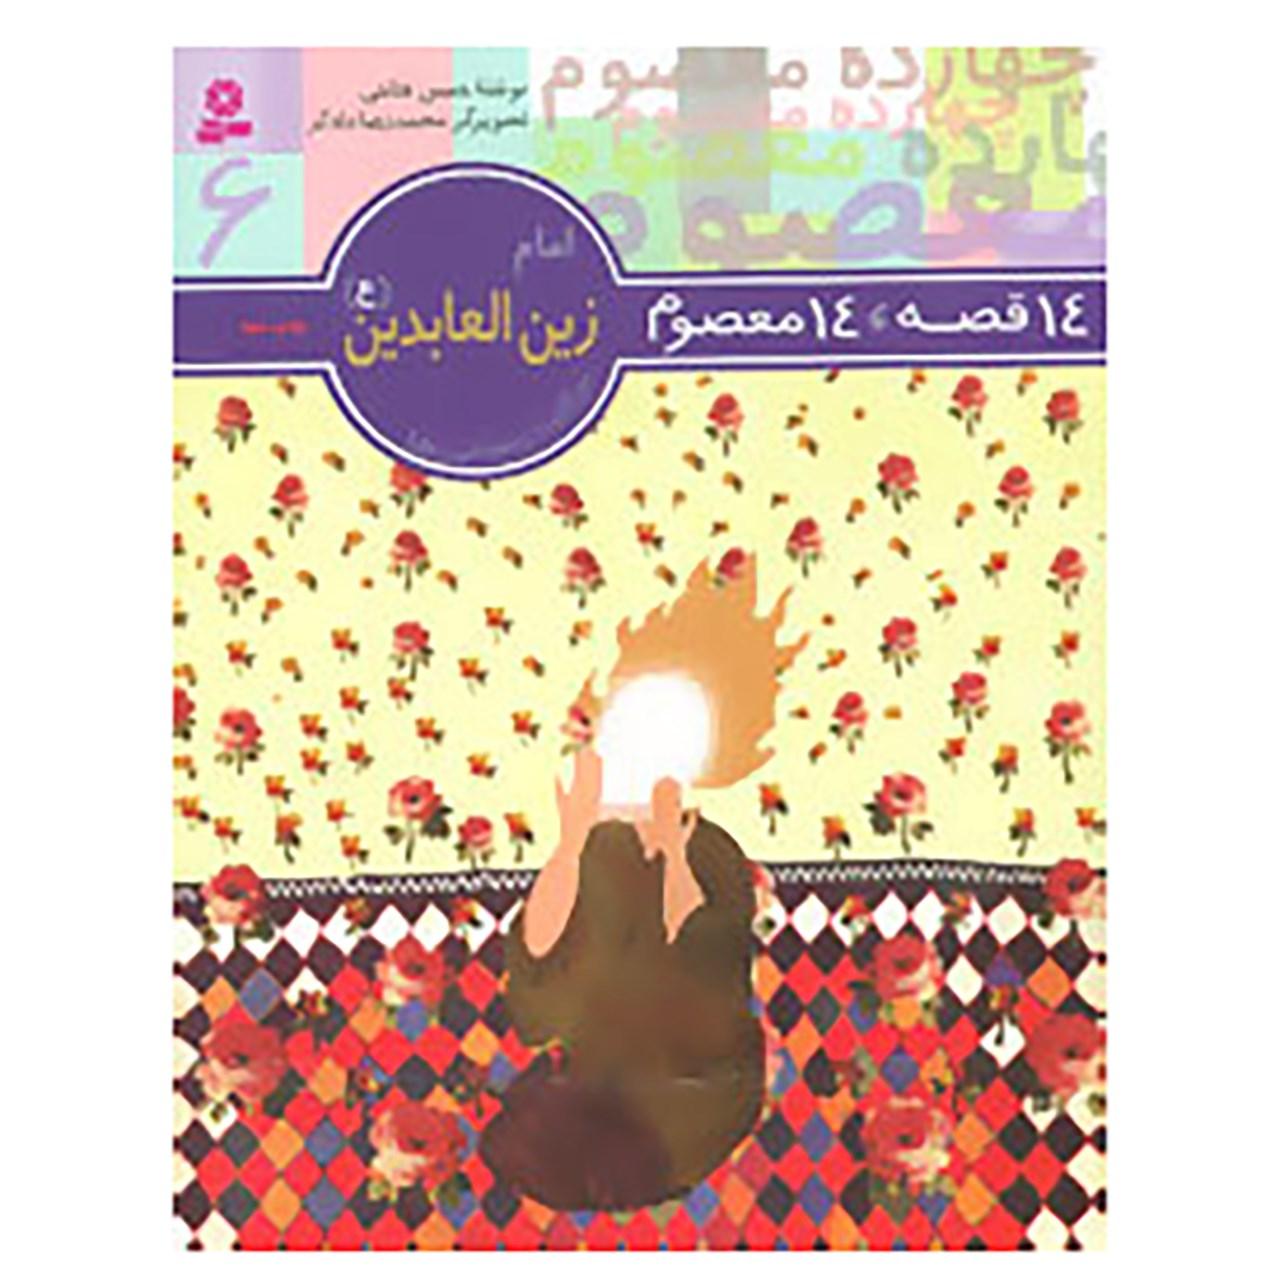 خرید                      کتاب 14 قصه،14 معصوم 6 اثر حسین فتاحی